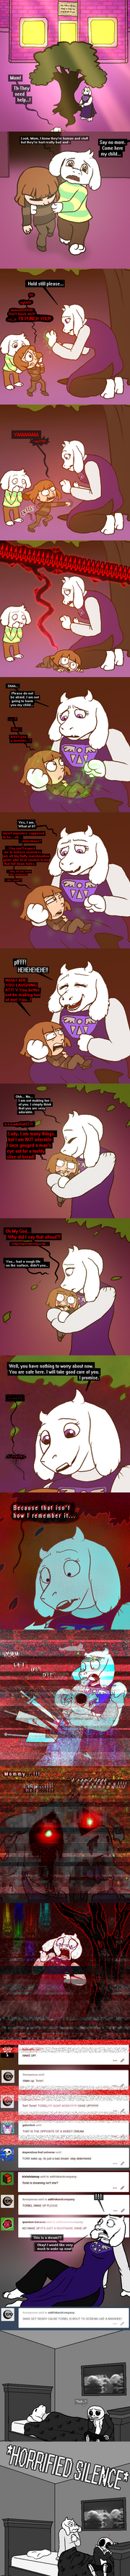 AskFriskAndCo 62: Dreams Past by Retaya